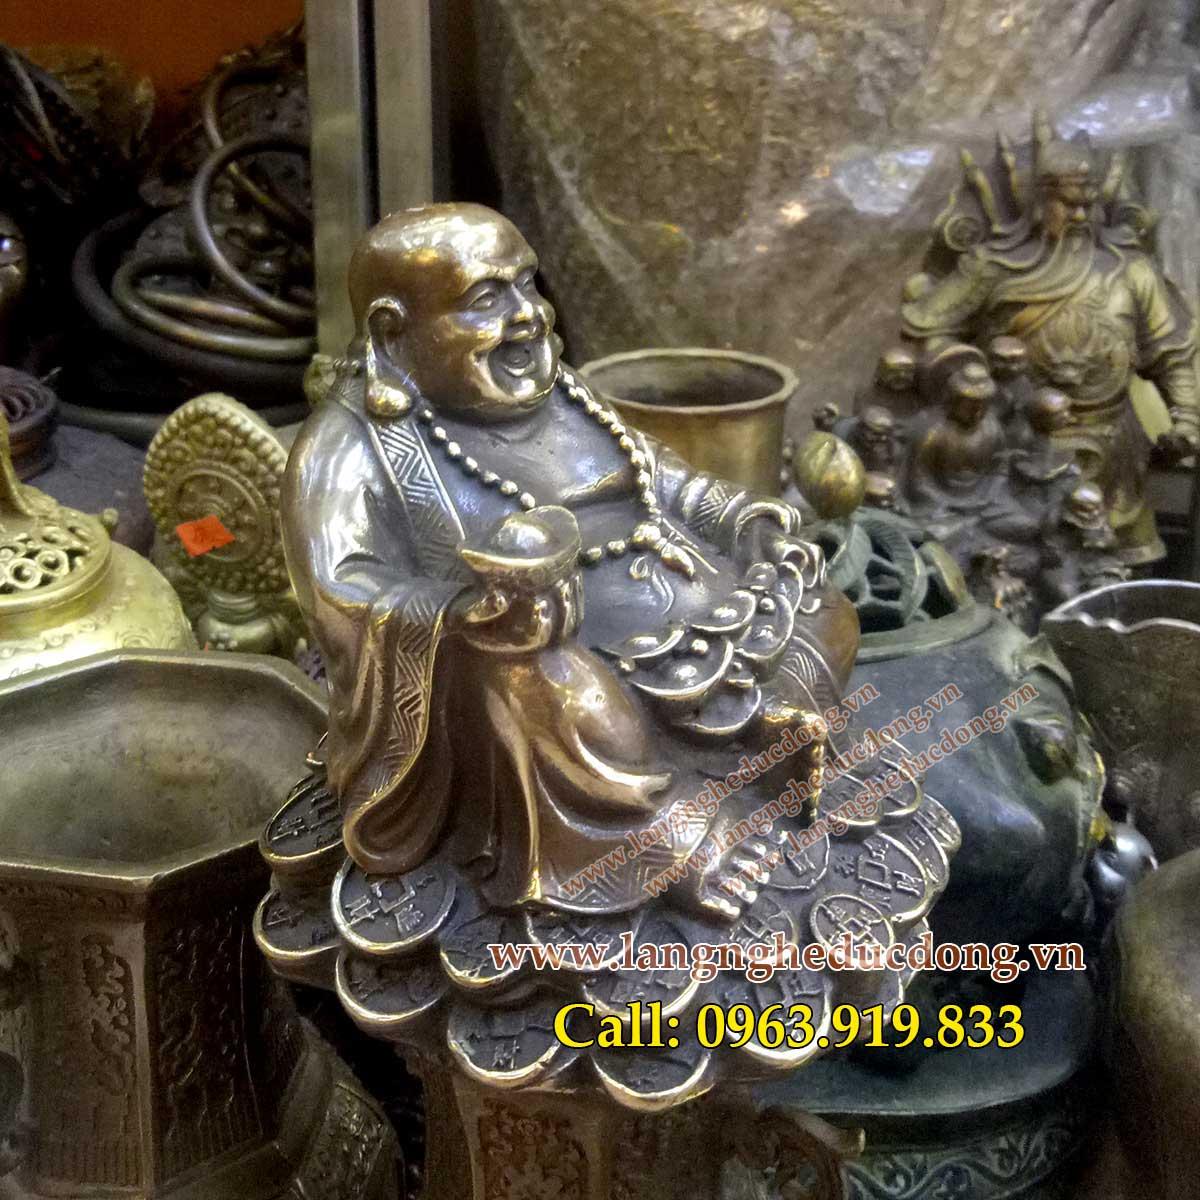 langngheducdong.vn - tượng phật, tượng dilac, tượng đồng thần tài